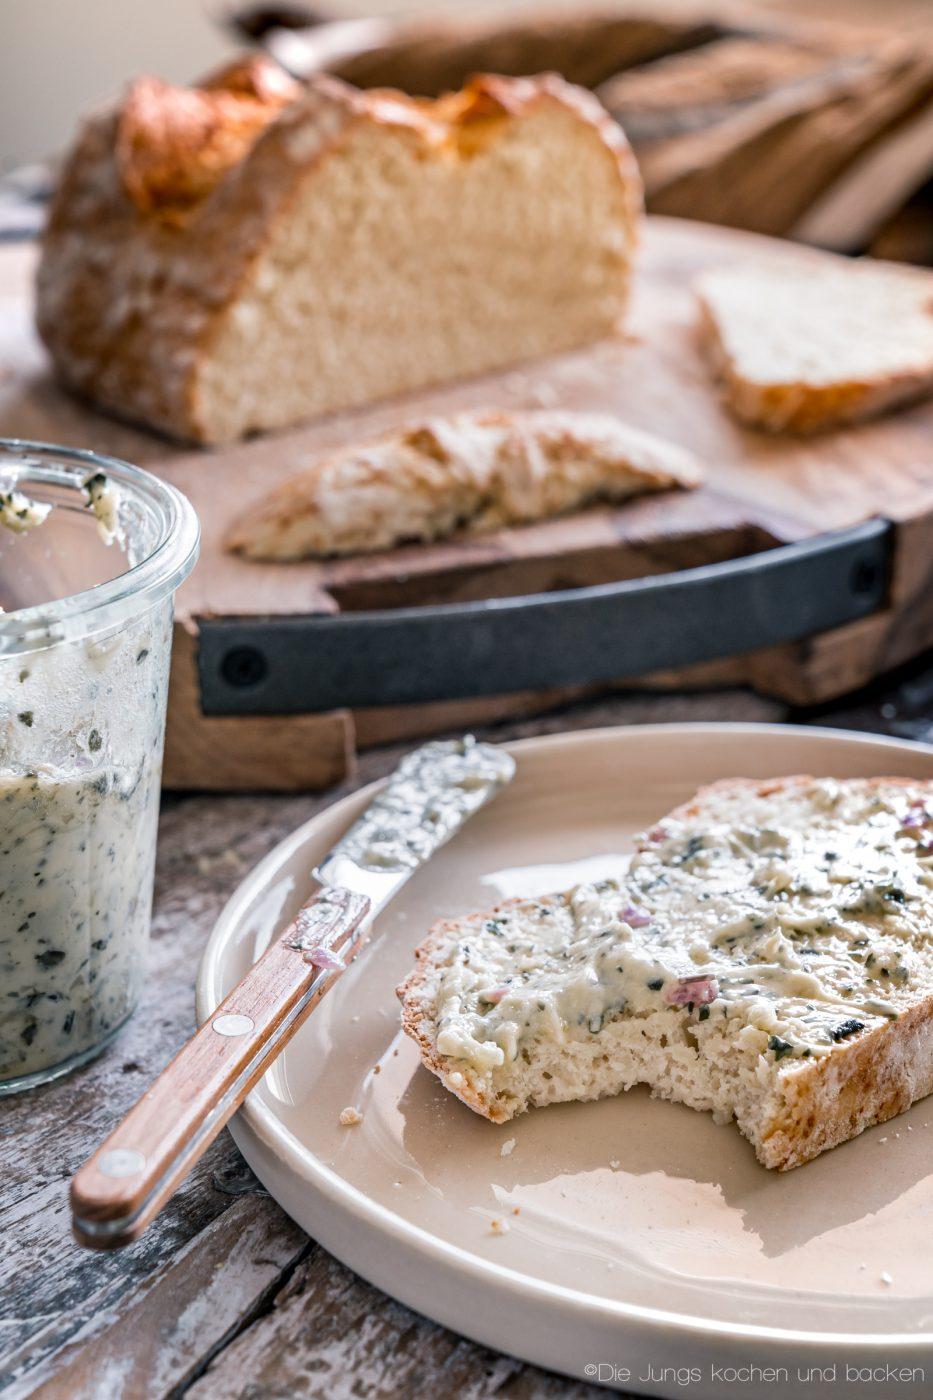 schnelles Quarkbrot ohne Hefe 8 | Brot zu backen, ist eine unserer liebsten Dinge!! Brot ist so vielfältig, unfassbar lecker und vom Duft beim Backen, fangen wir gar nicht erst an. Jetzt ist ein Brot nicht immer schnell gemacht, aber das muss nicht sein. Wenn es mal flott gehen soll, keine Hefe im Haus ist oder es Sonntag ist und alle Geschäfte geschlossen haben?? - Unser schnelles Quarkbrot ist die Lösung!